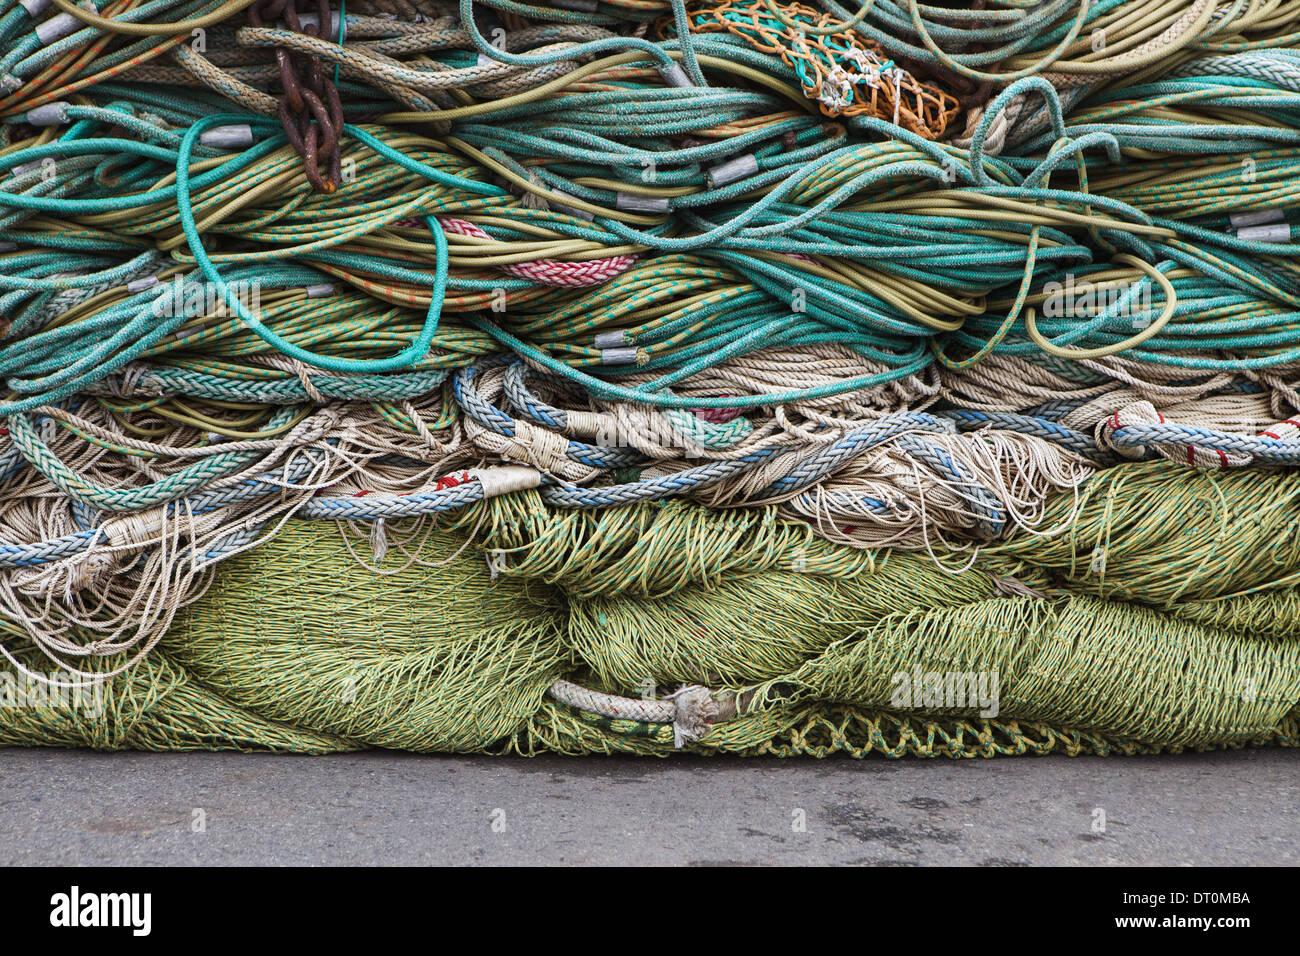 Seattle, Washington, EE.UU. redes de pesca comercial Imagen De Stock